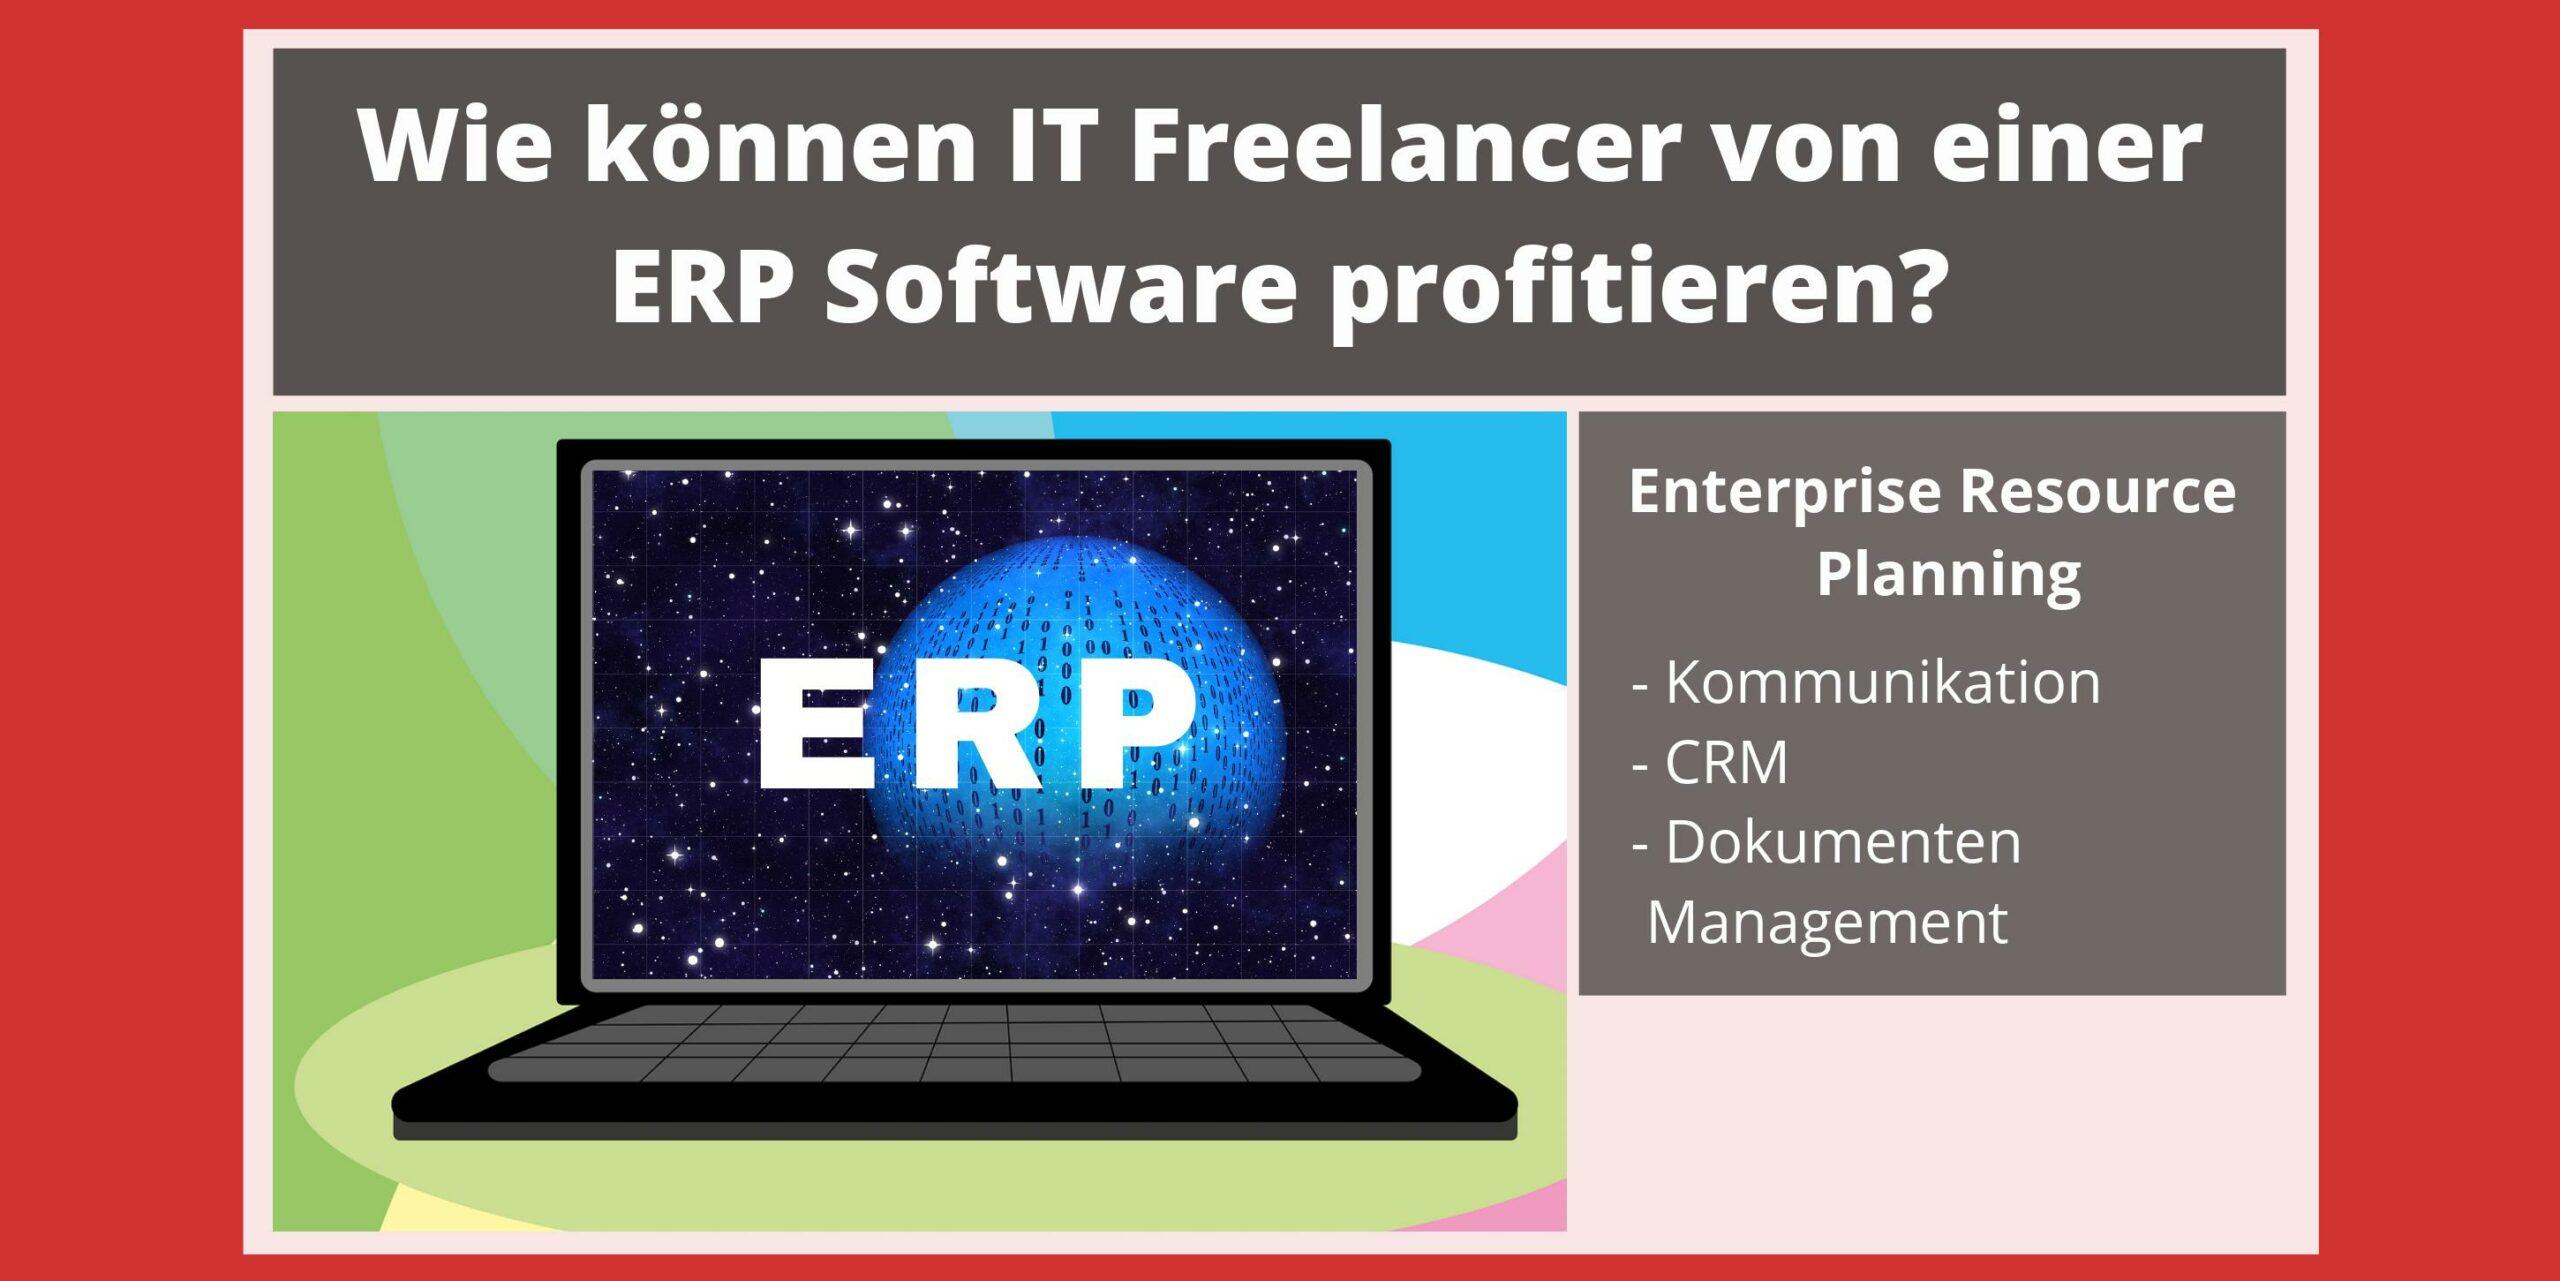 ERP für IT Freelancer